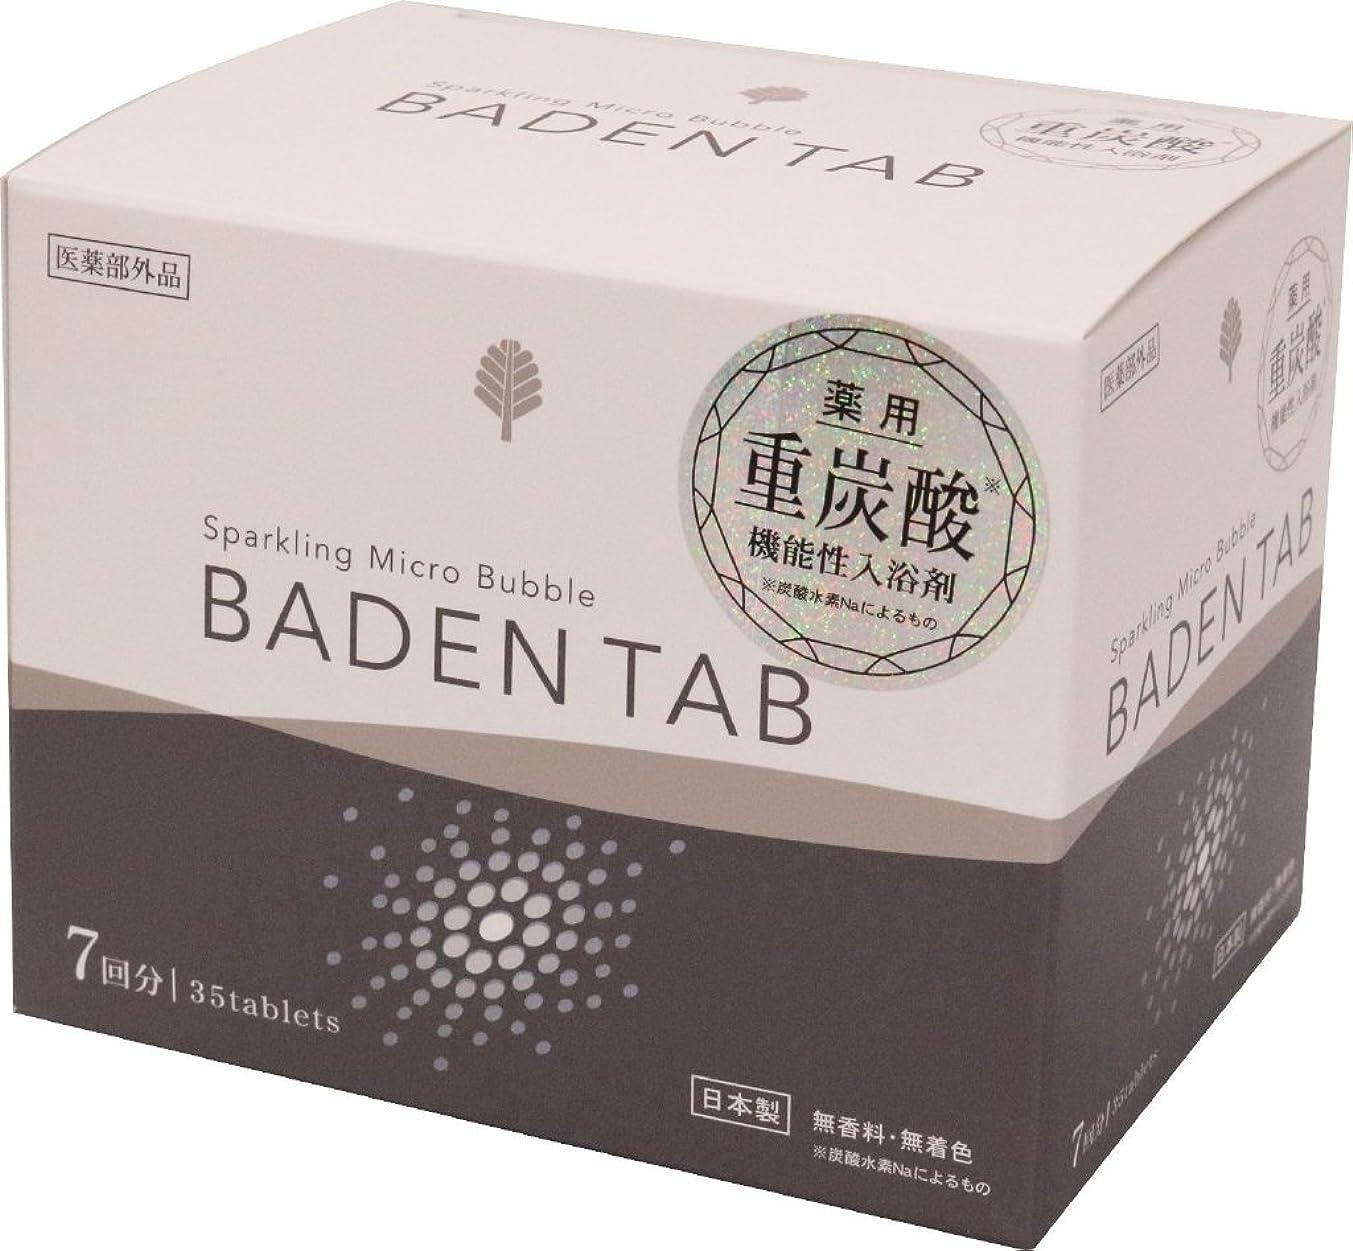 タクシー精神どこでも日本製 made in japan 薬用BadenTab5錠7パック15gx35錠入 BT-8756 【まとめ買い6個セット】